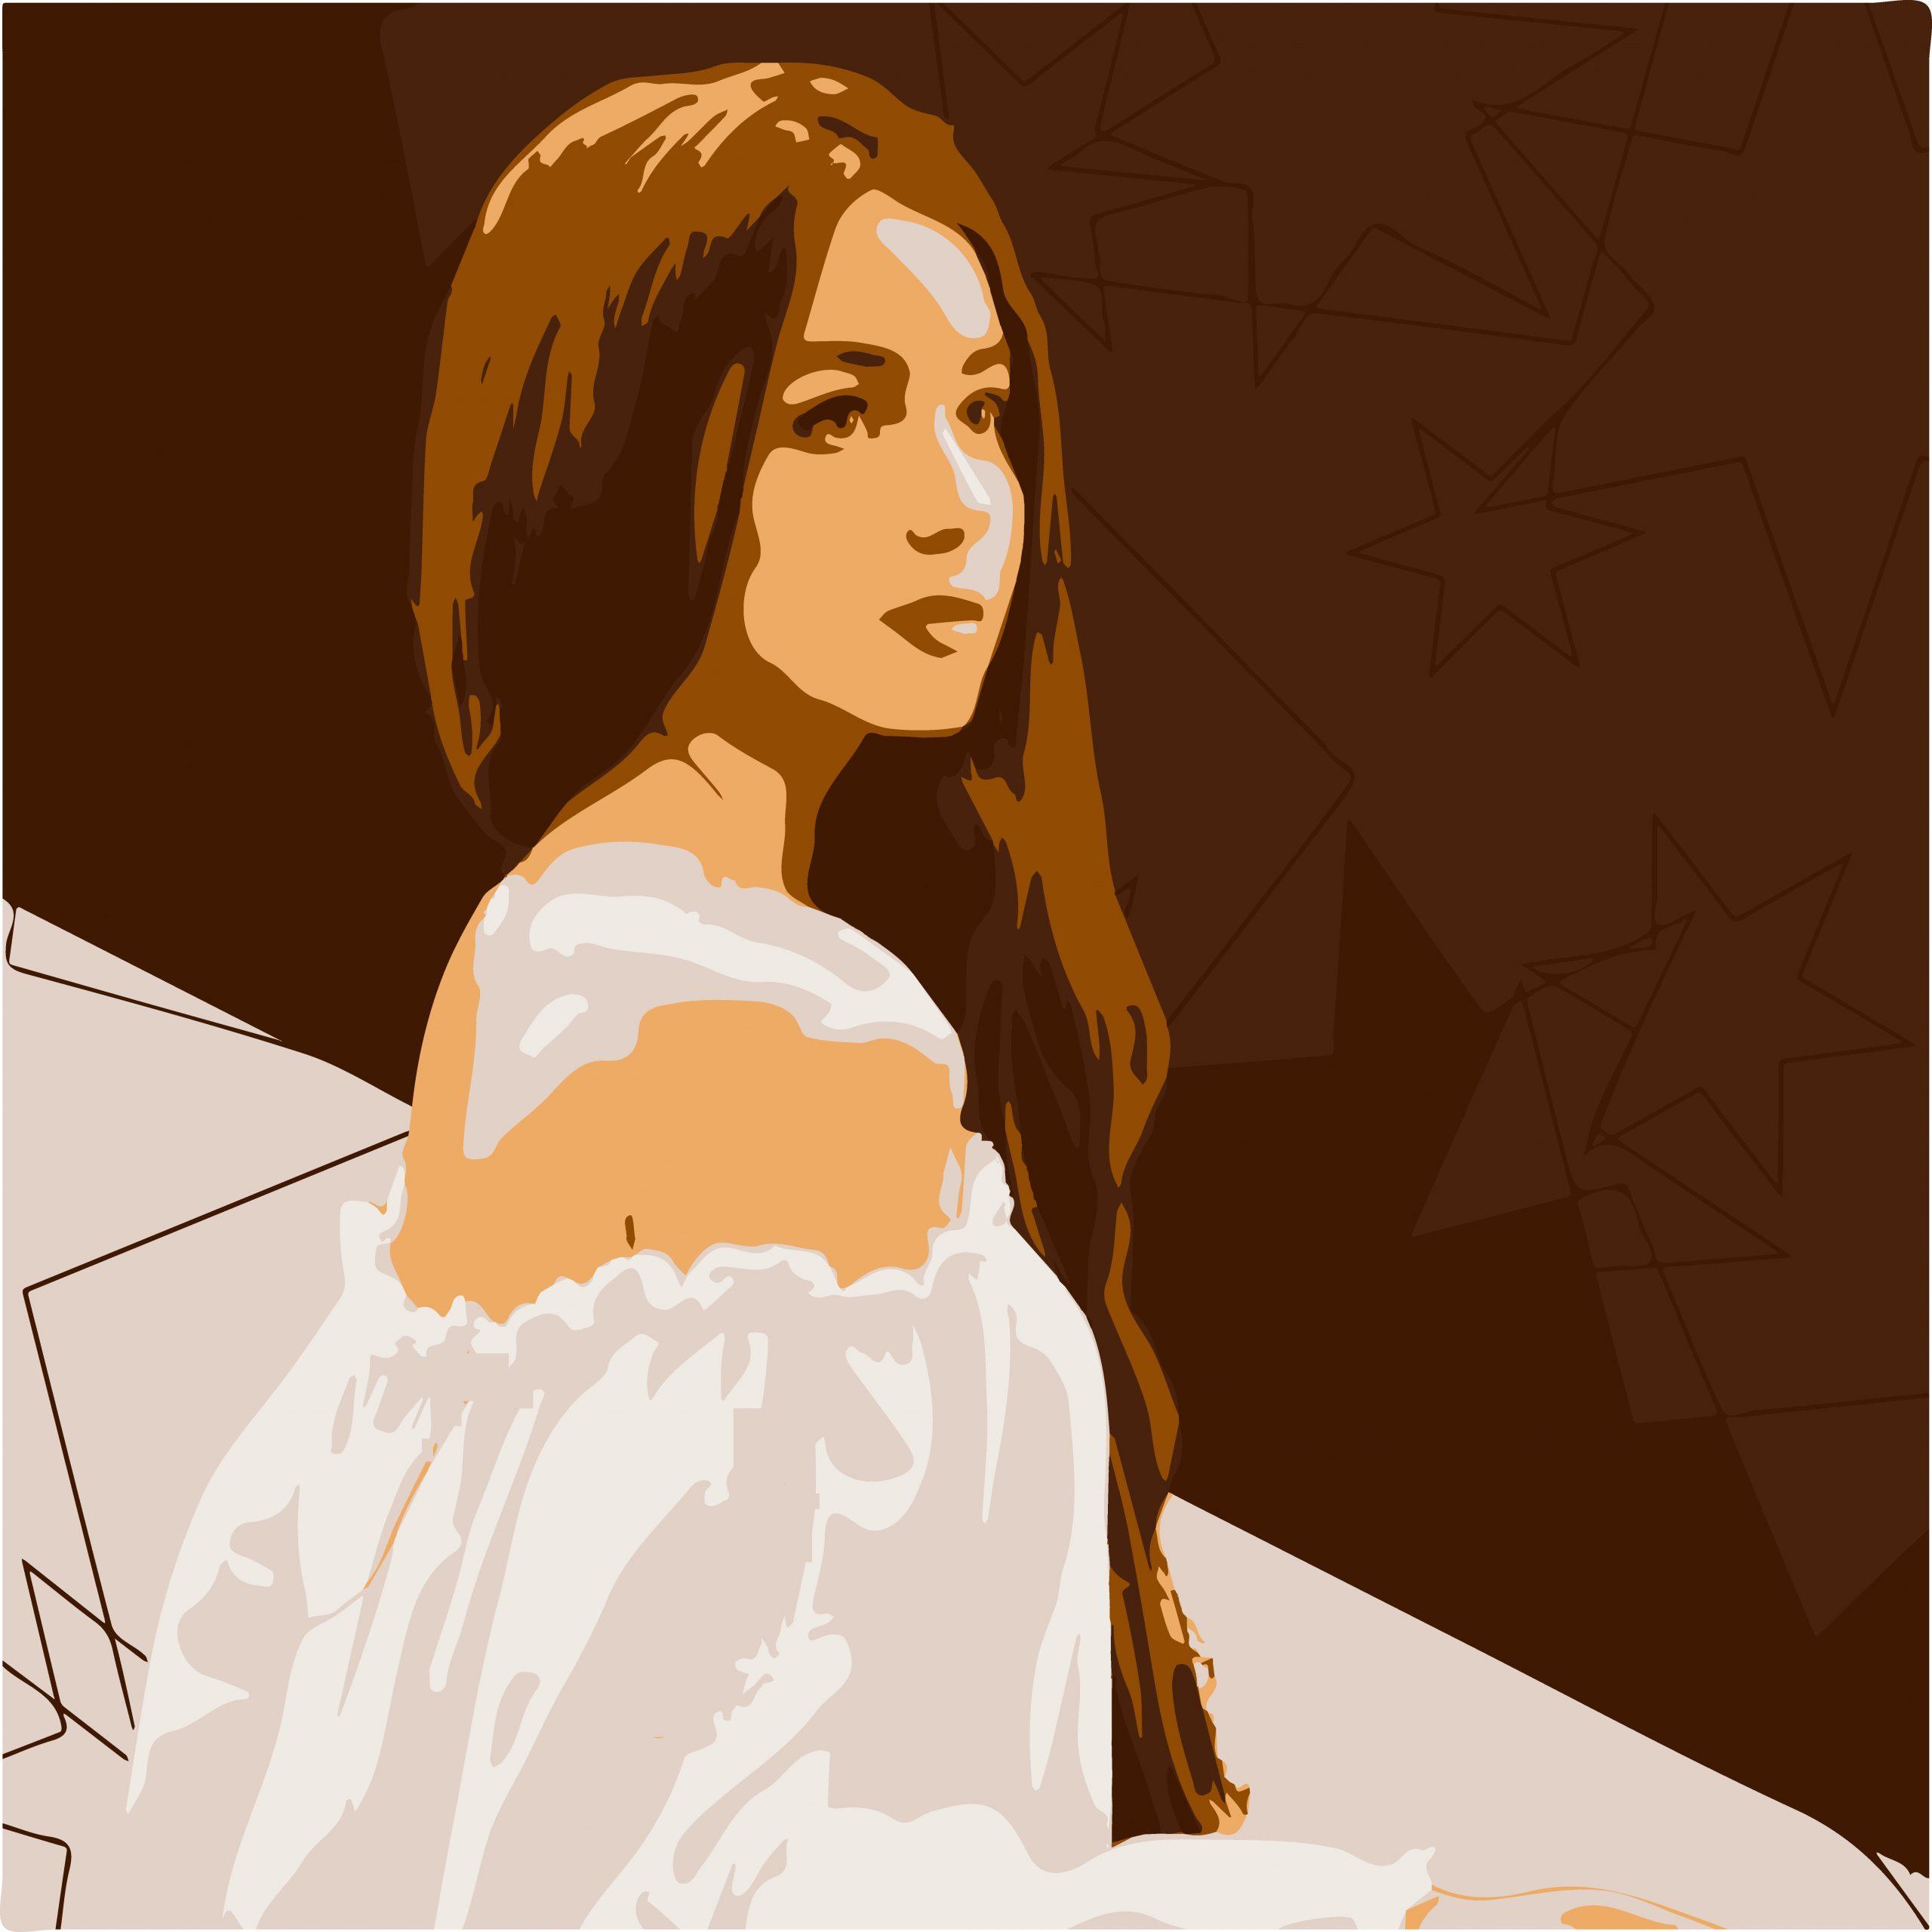 PORTRAIT ILLUSTRATION of Girl